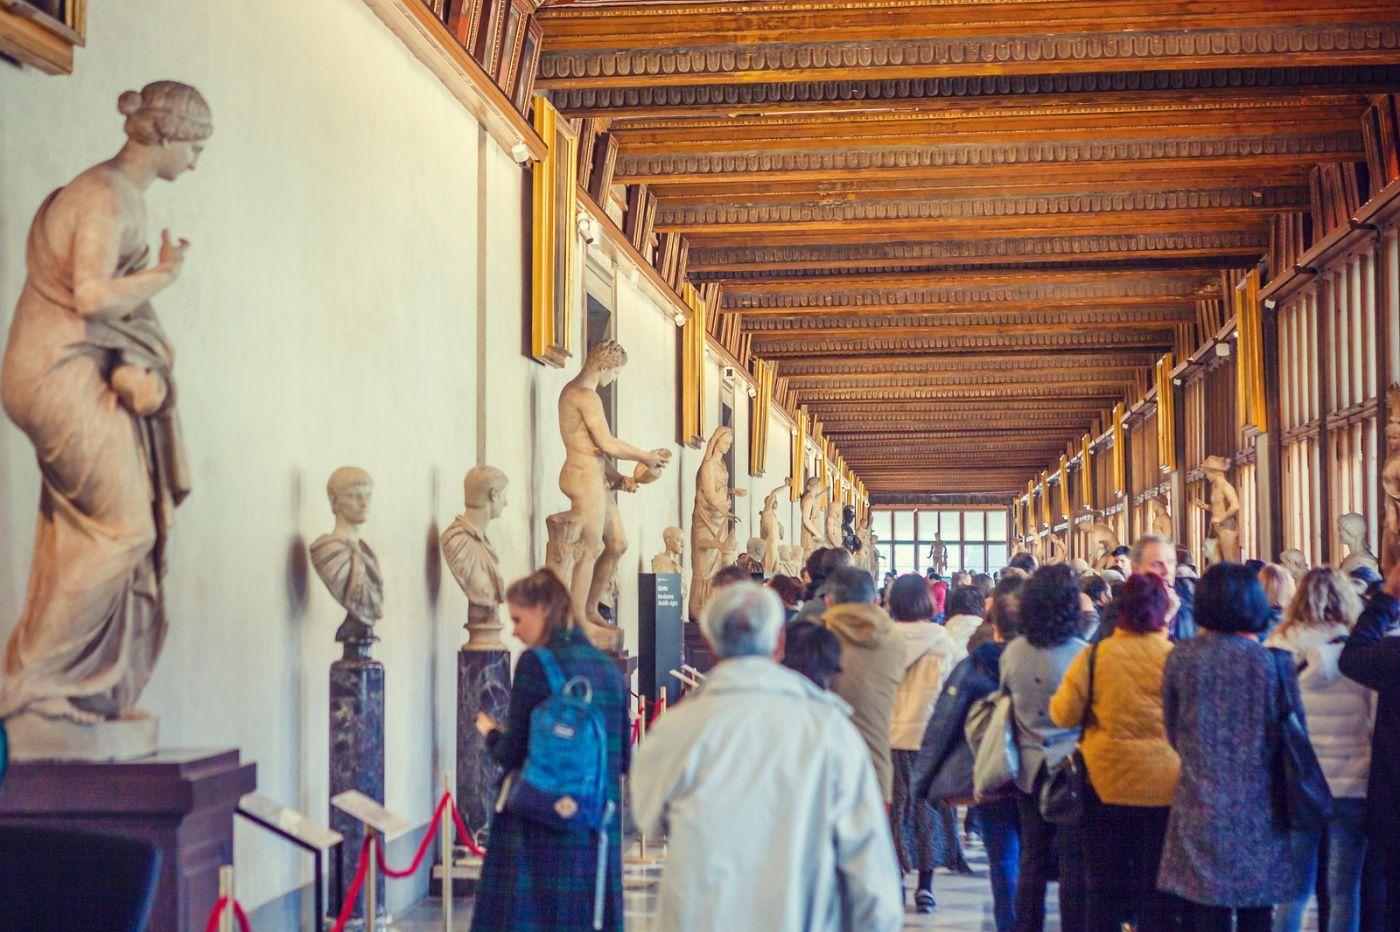 意大利佛罗伦斯乌菲兹美术馆, 进去看一看_图1-21